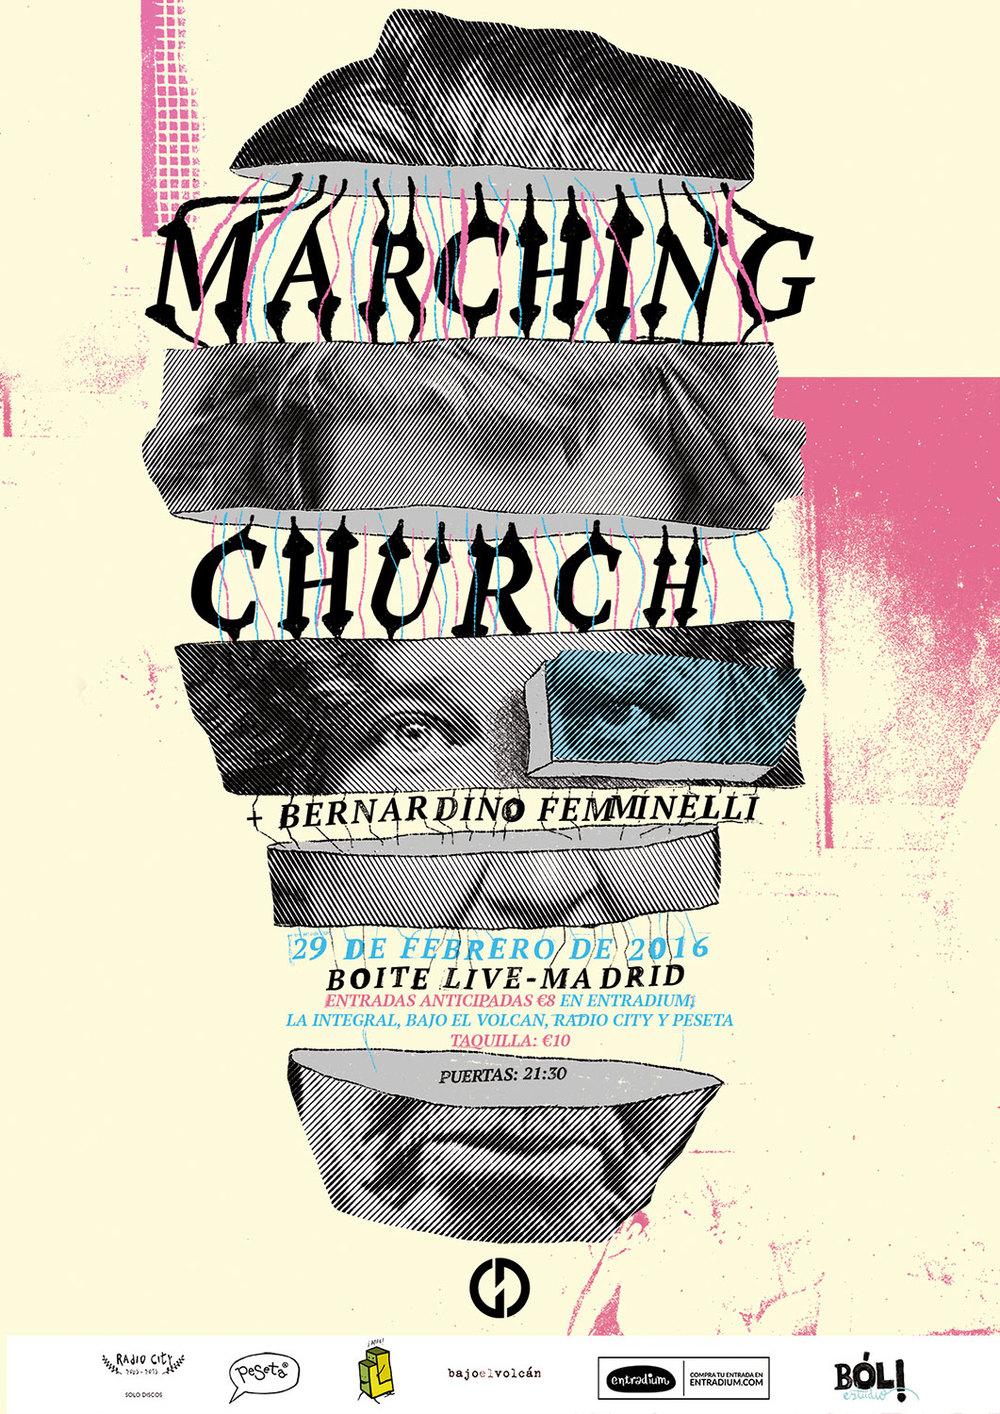 MARCHING-CHURCH_3.jpg